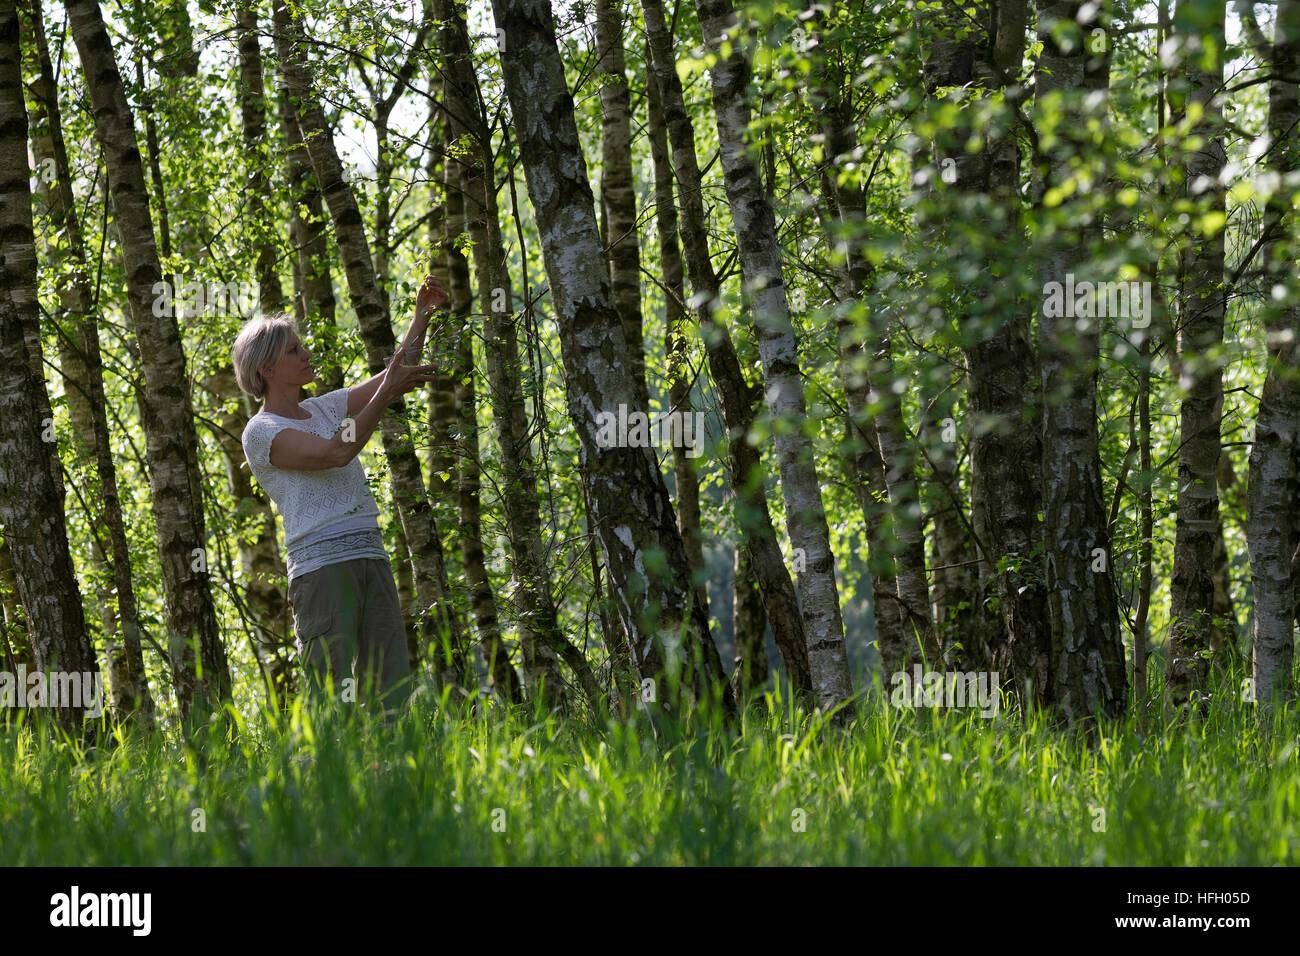 Birkenblätter-Ernte, Frau erntet Blätter von Birke, Birkenblatternte, Birkenblatternte, Birke, Hänge-Birke, Sand Stock Photo